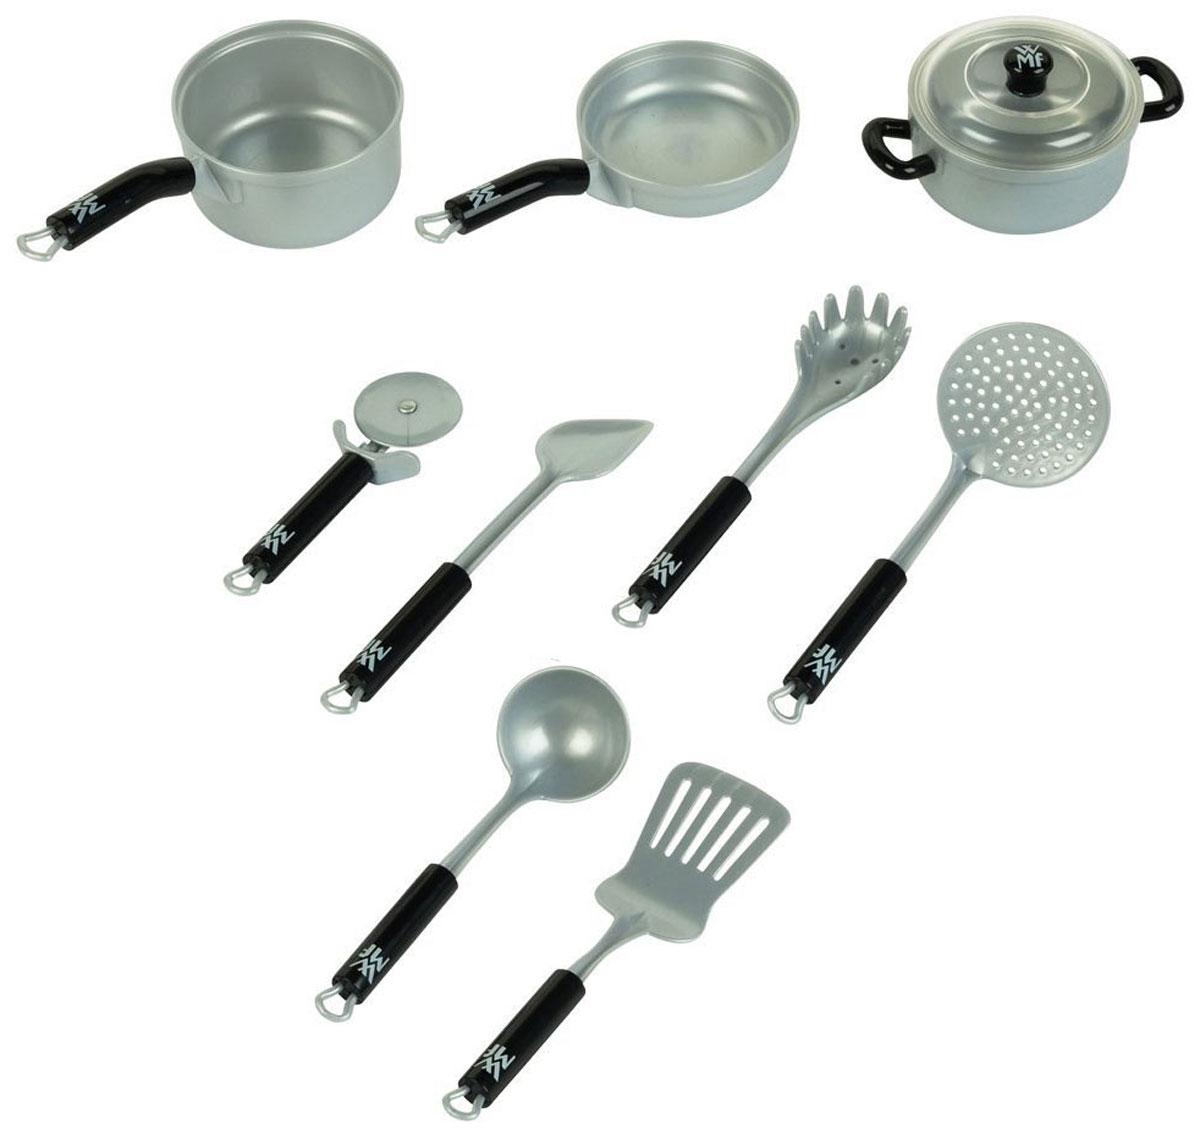 Klein Набор детской посуды WMF 10 предметов9428Набор детской посуды Klein WMF, несомненно, привлечет внимание вашей малышки и не позволит ей скучать. Набор содержит кастрюльку с крышкой, ковшик, сковороду, перфорированную лопатку, шумовку, половник, ложку для спагетти, лопатку и нож для пиццы. С этим набором маленькая хозяйка будет часами занята игрой и сможет вкусно накормить всех своих кукол.